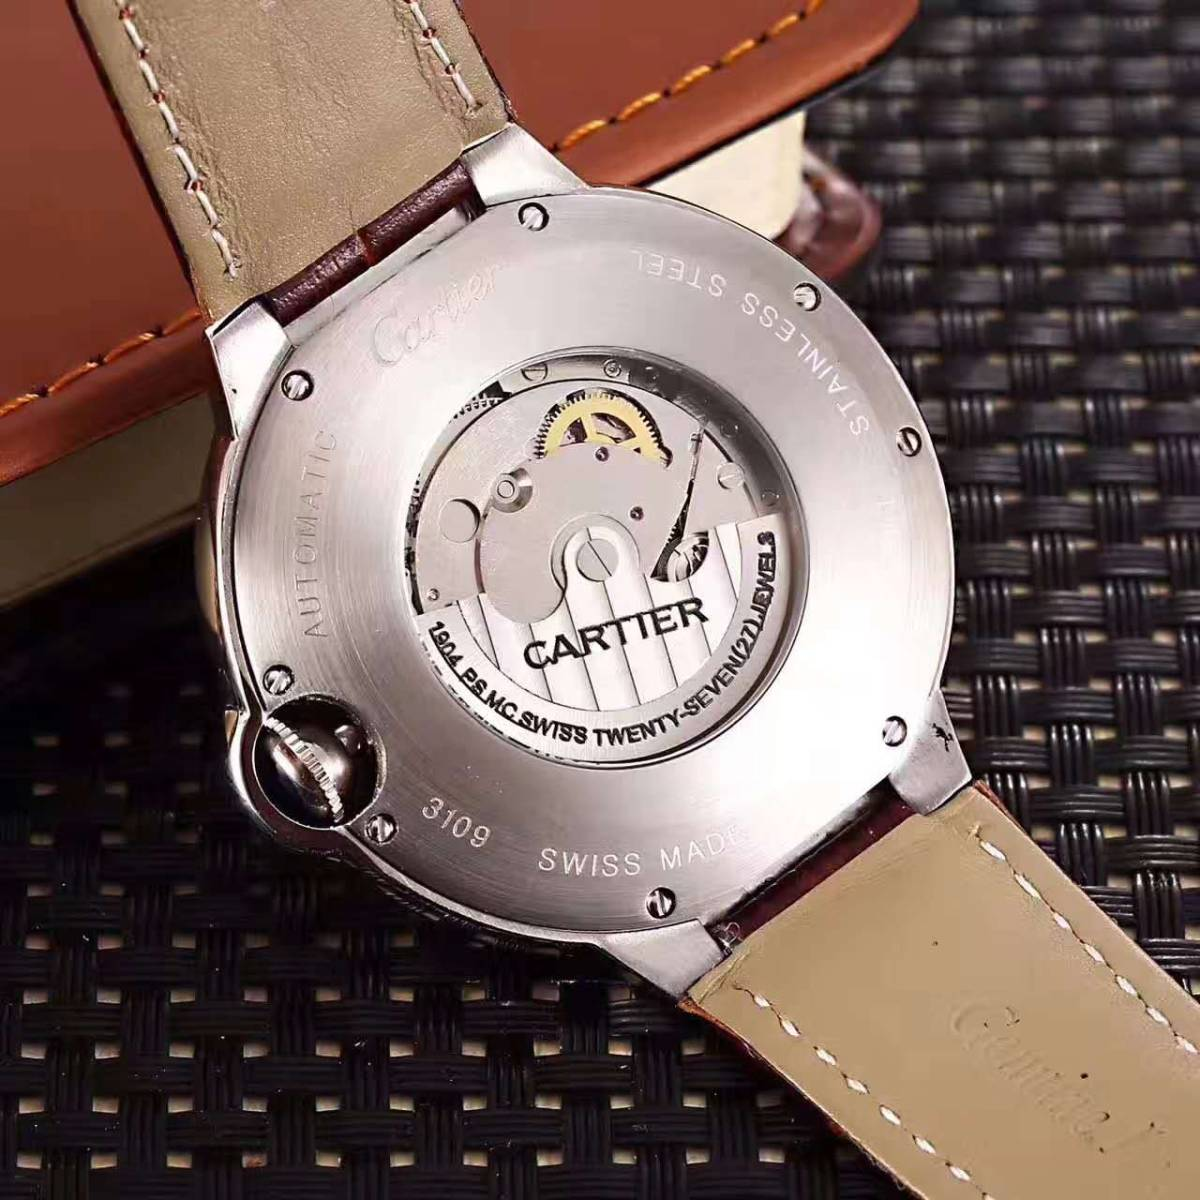 新品 Cartier 自動巻 スケルトン 腕時計 メンズ ウォッチ_画像2